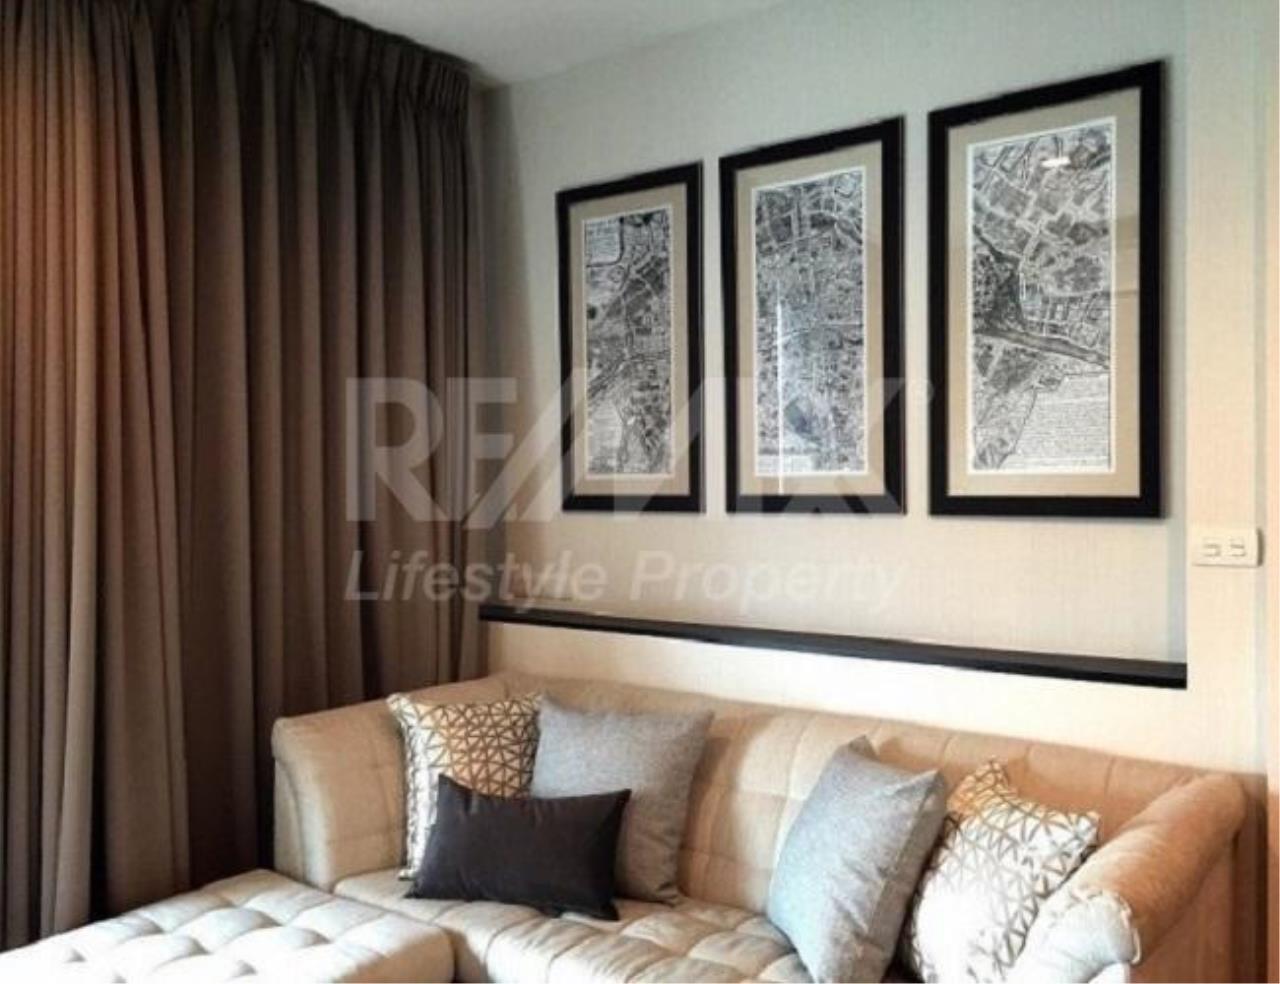 RE/MAX LifeStyle Property Agency's Rhythm Sukhumvit 44/1 1